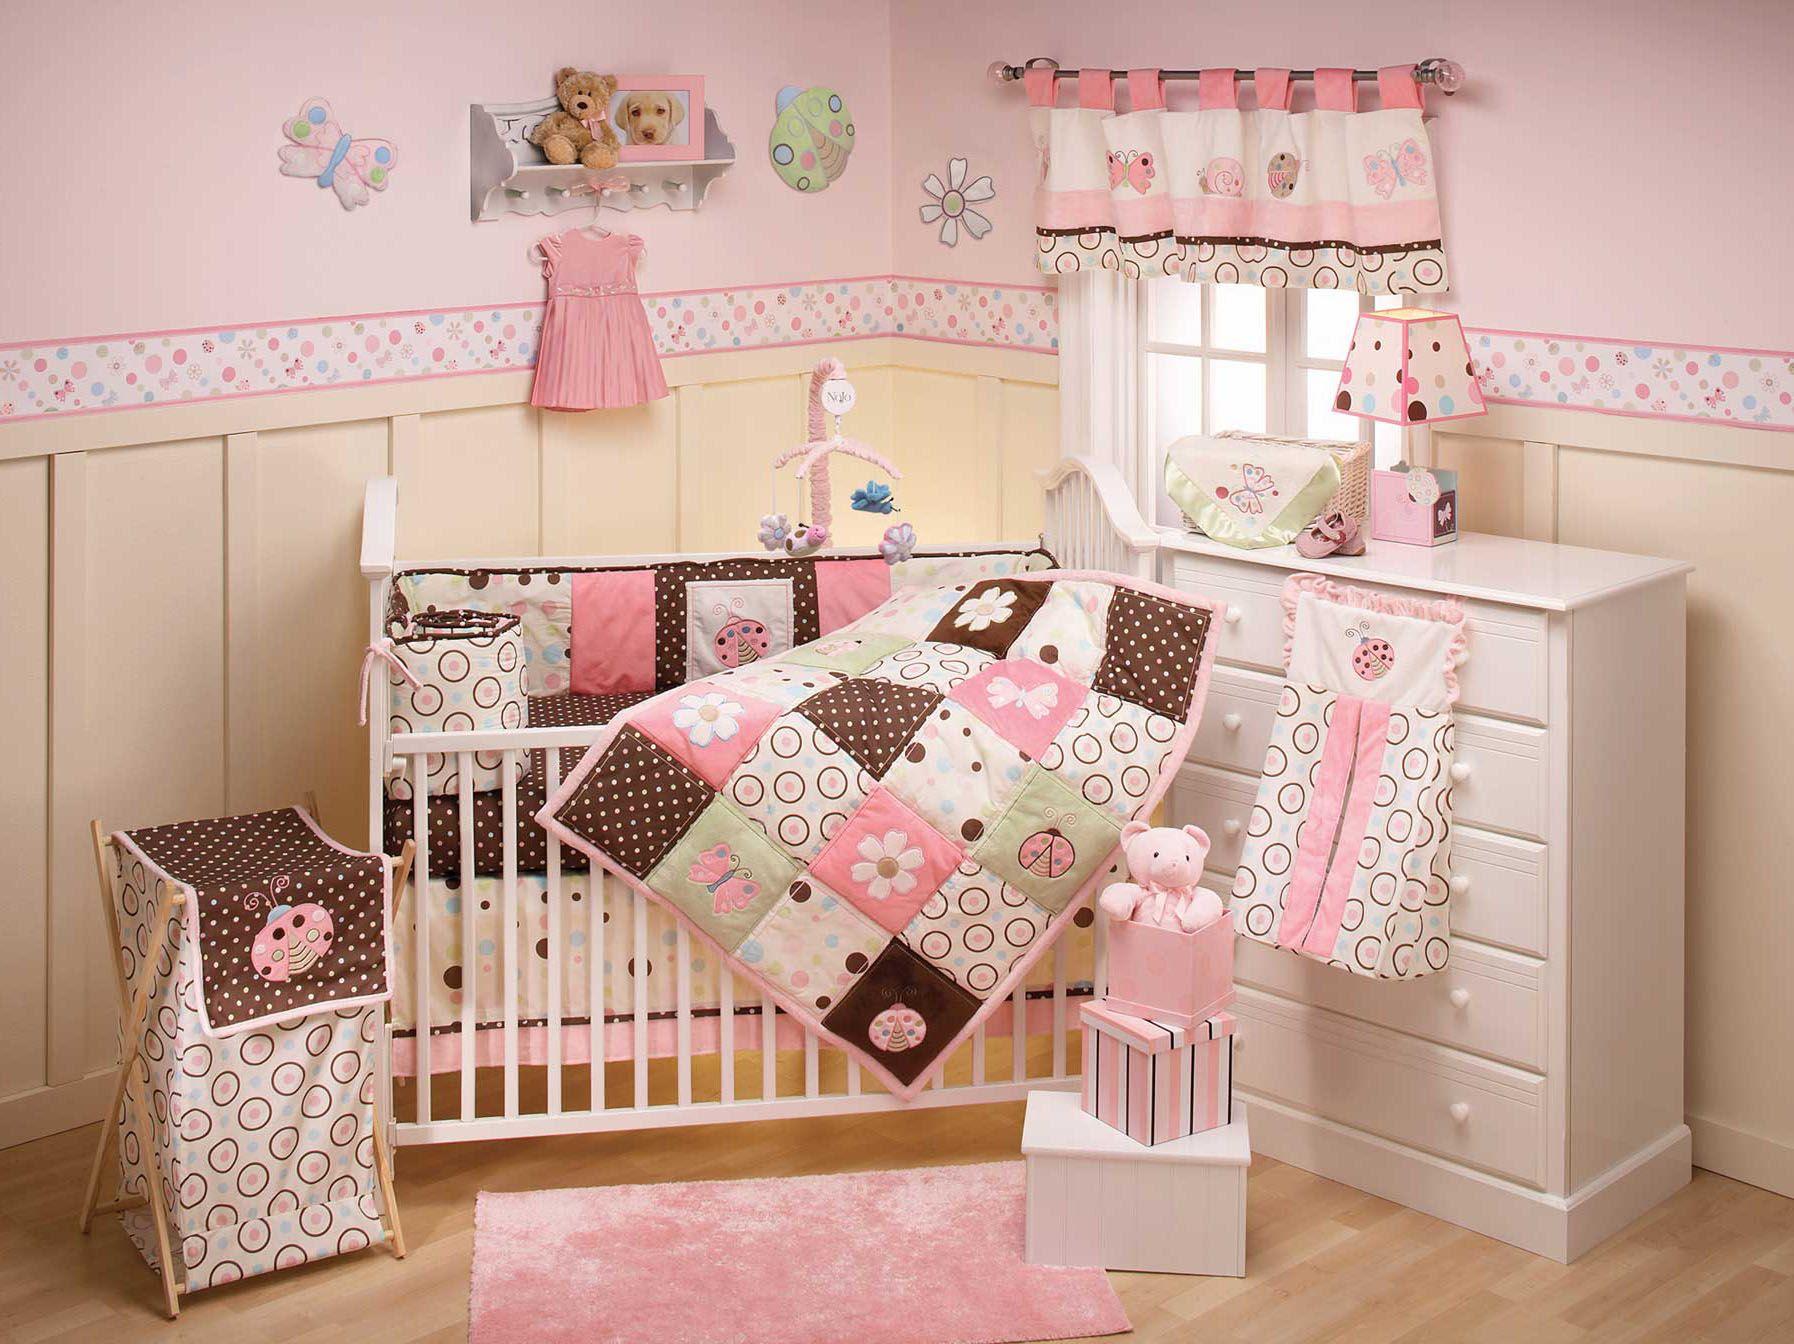 Ladybug Crib Bedding Set With Images Baby Girl Bedroom Modern